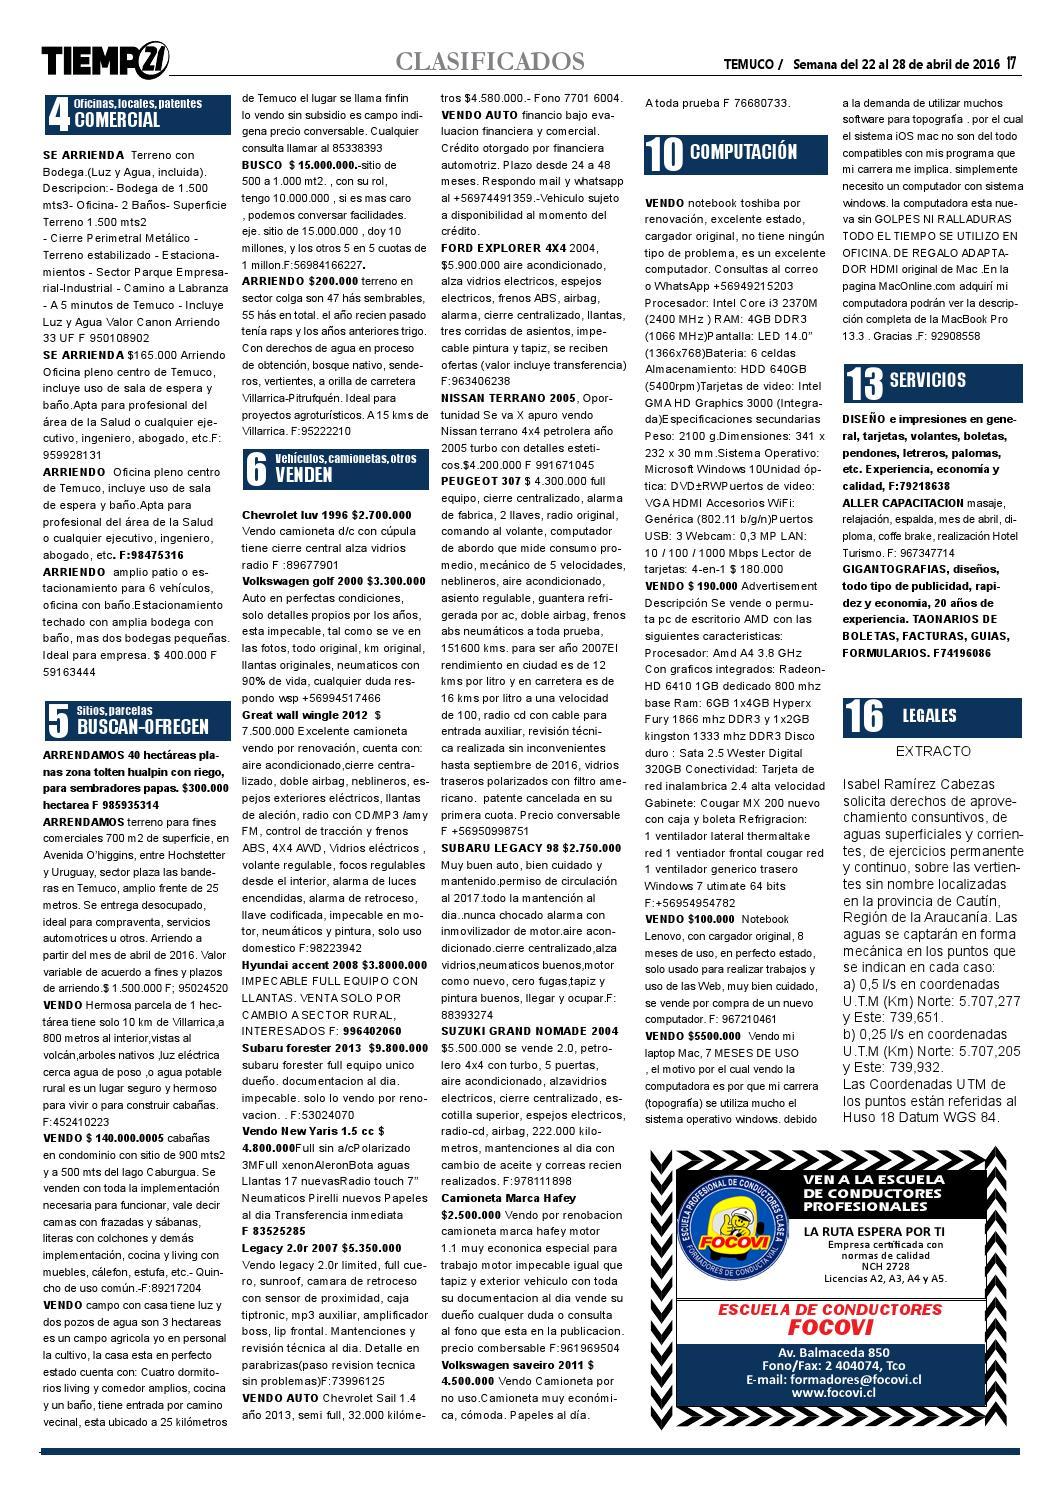 Edici N 384 El D A Despu S Que Temuco Llor By Tiempo21 Araucan A  # Muebles Jouannet Temuco